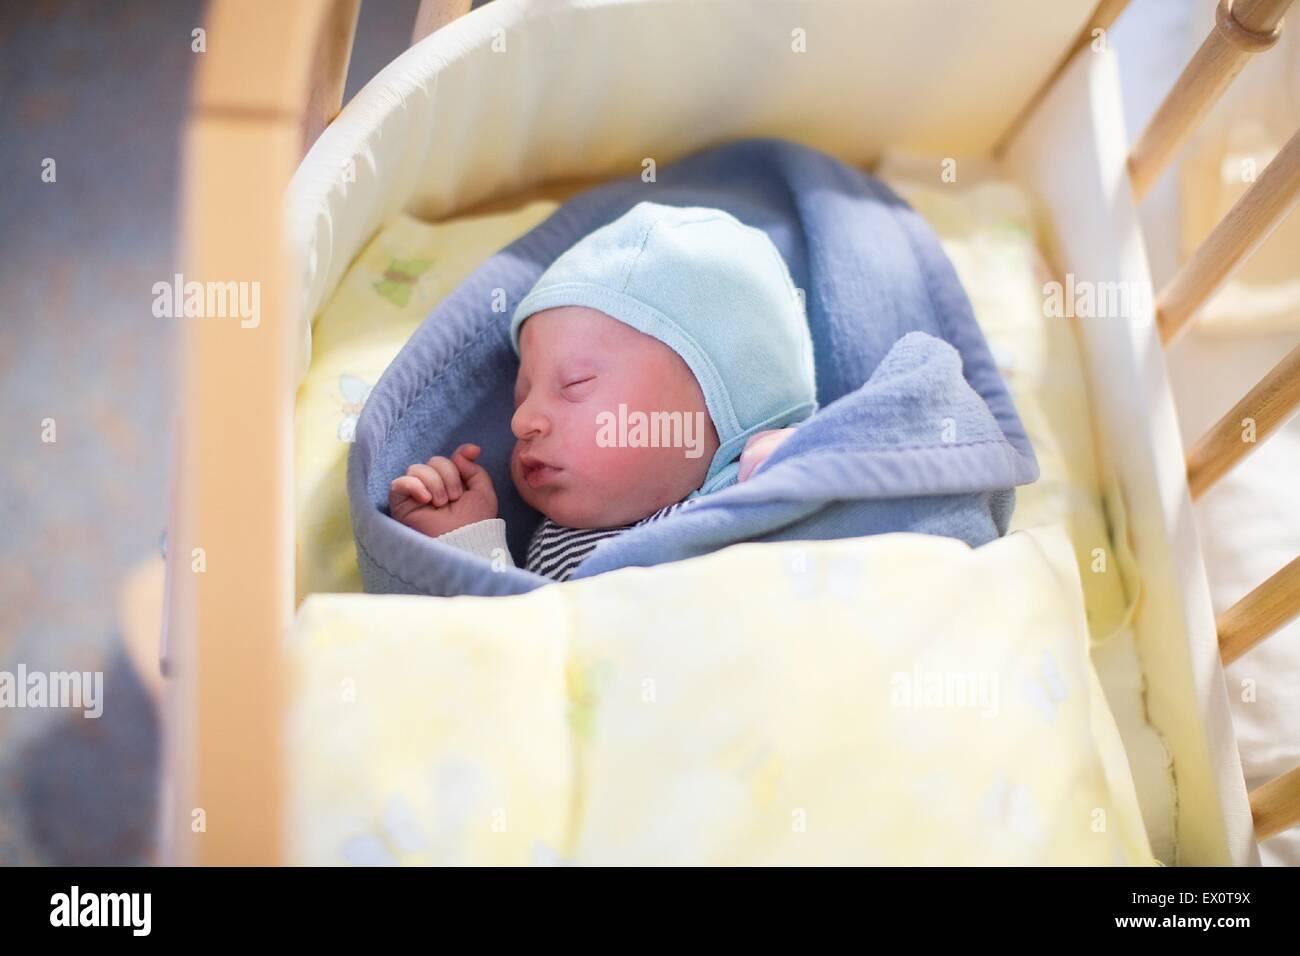 Krankenhaus bild von einem neuen baby geboren jungen mehrere stunden